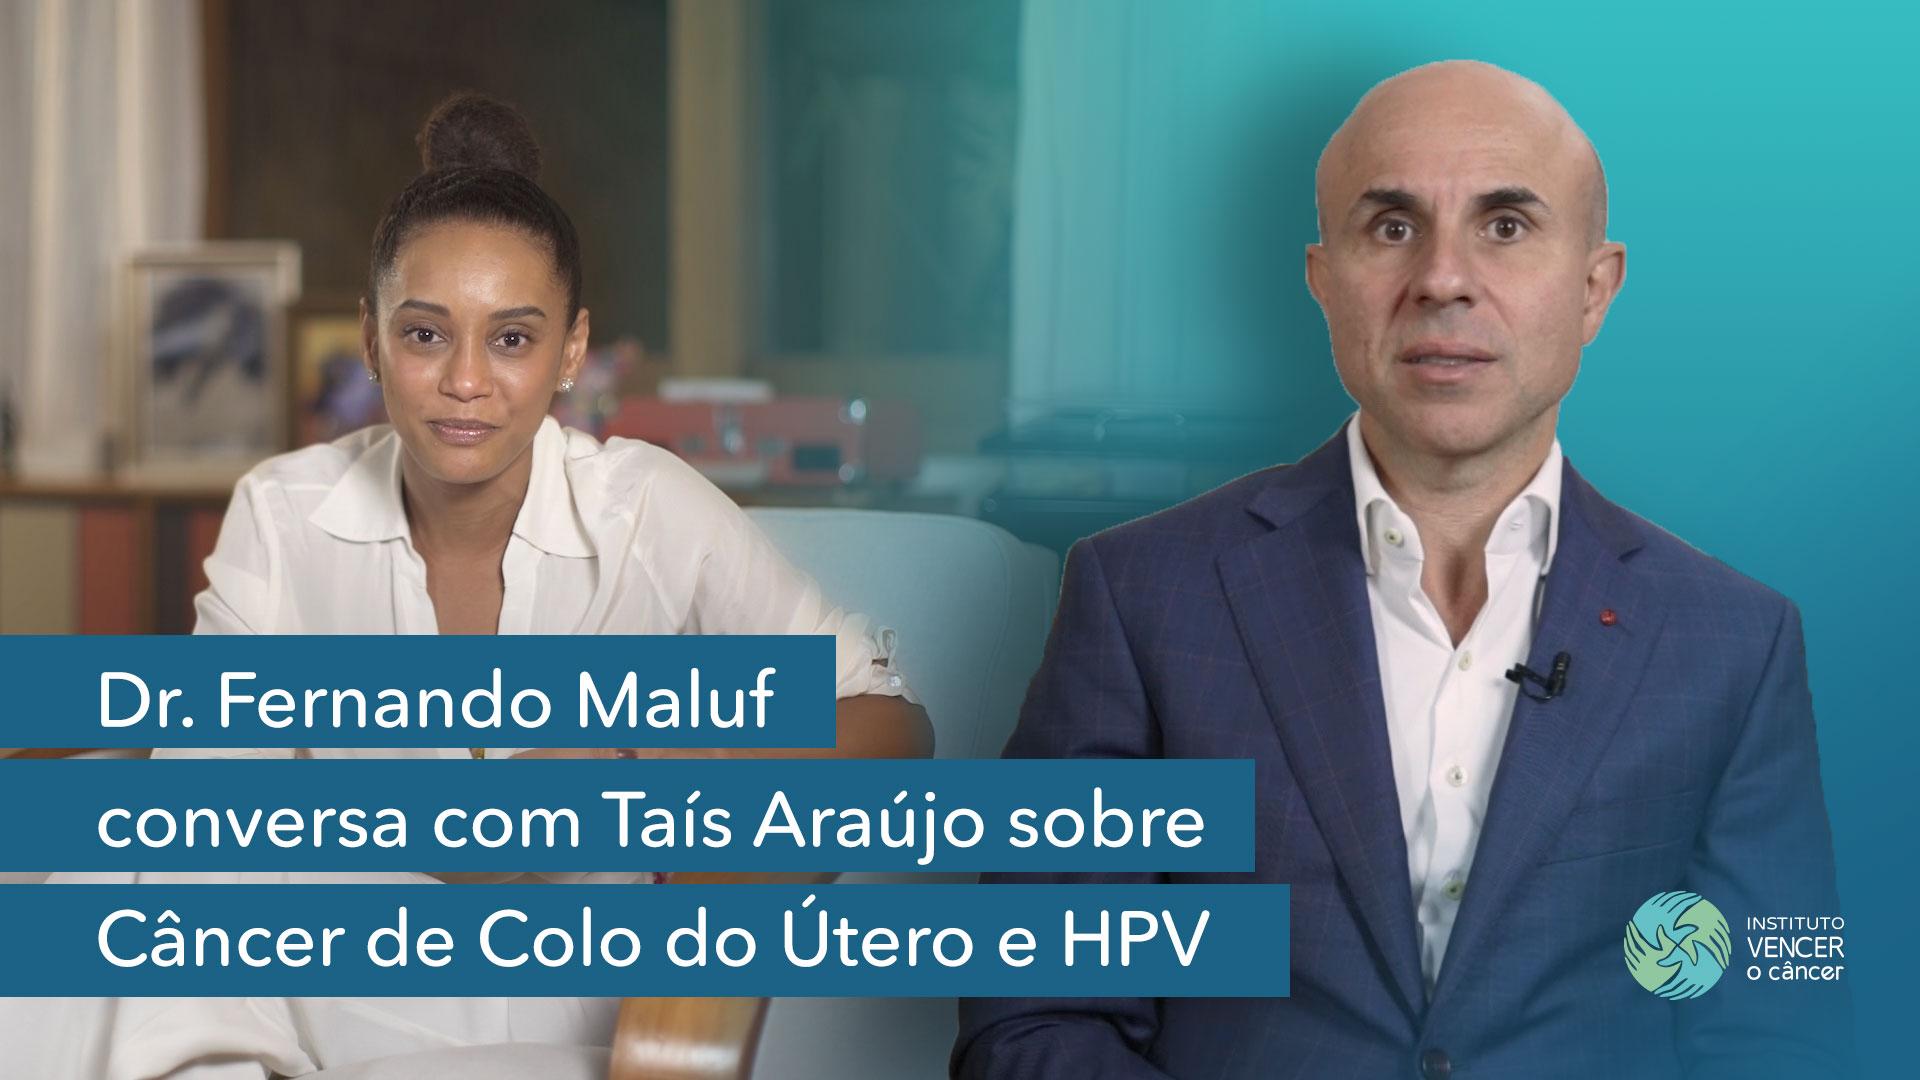 Dr. Fernando Maluf conversa com Tais Araújo sobre Câncer de Colo do Útero e HPV